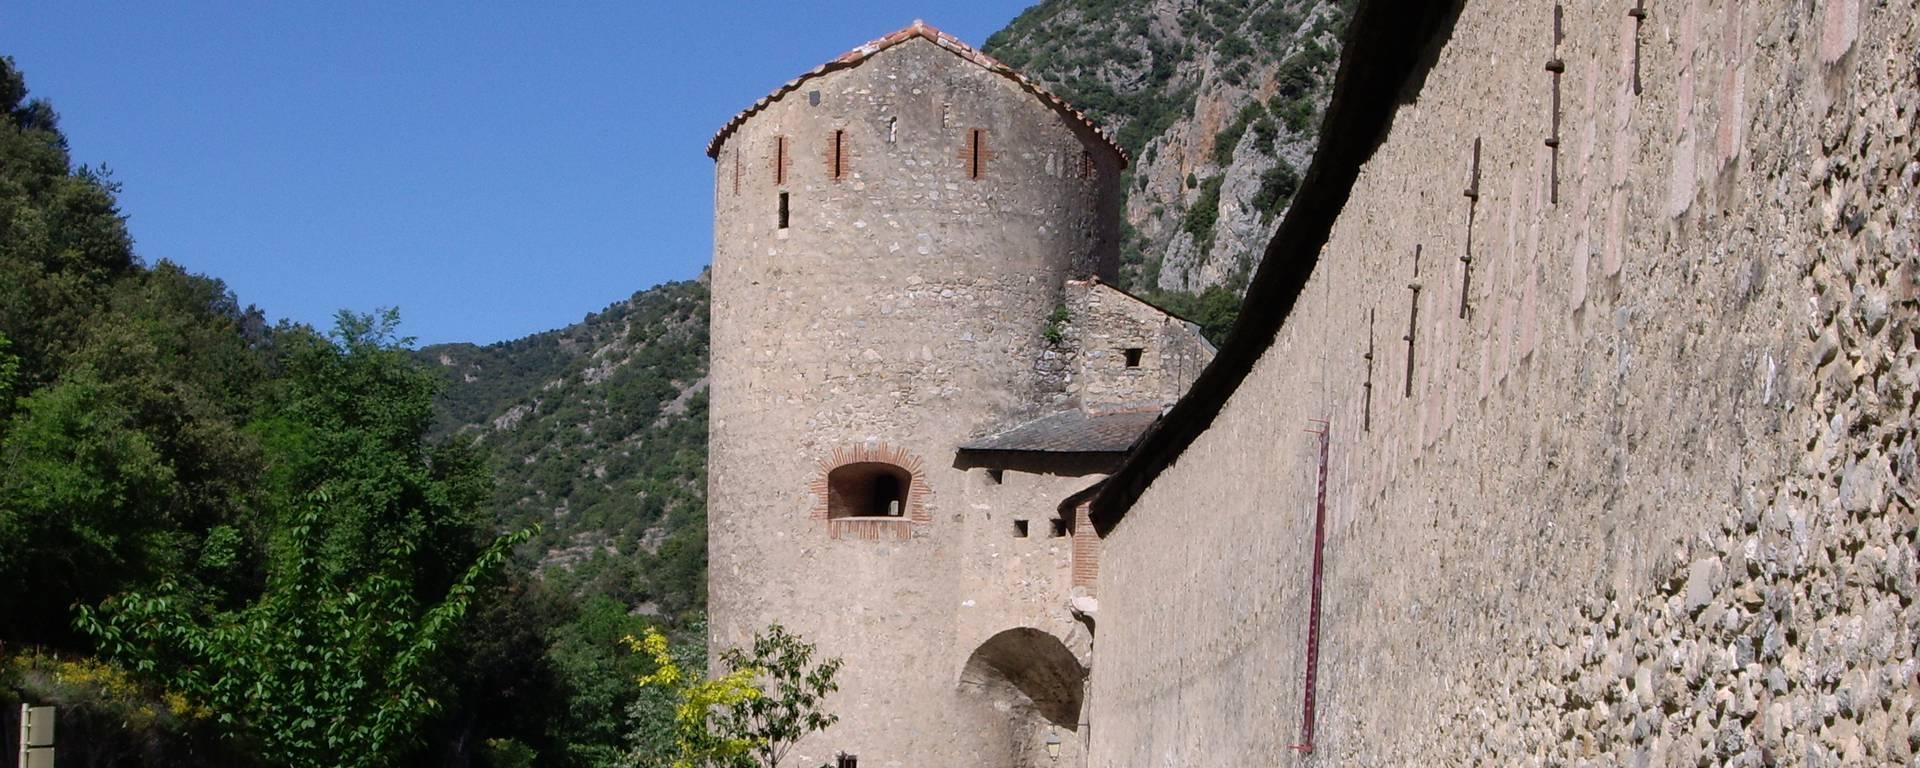 Stadsmuren van Villefranche de Conflent